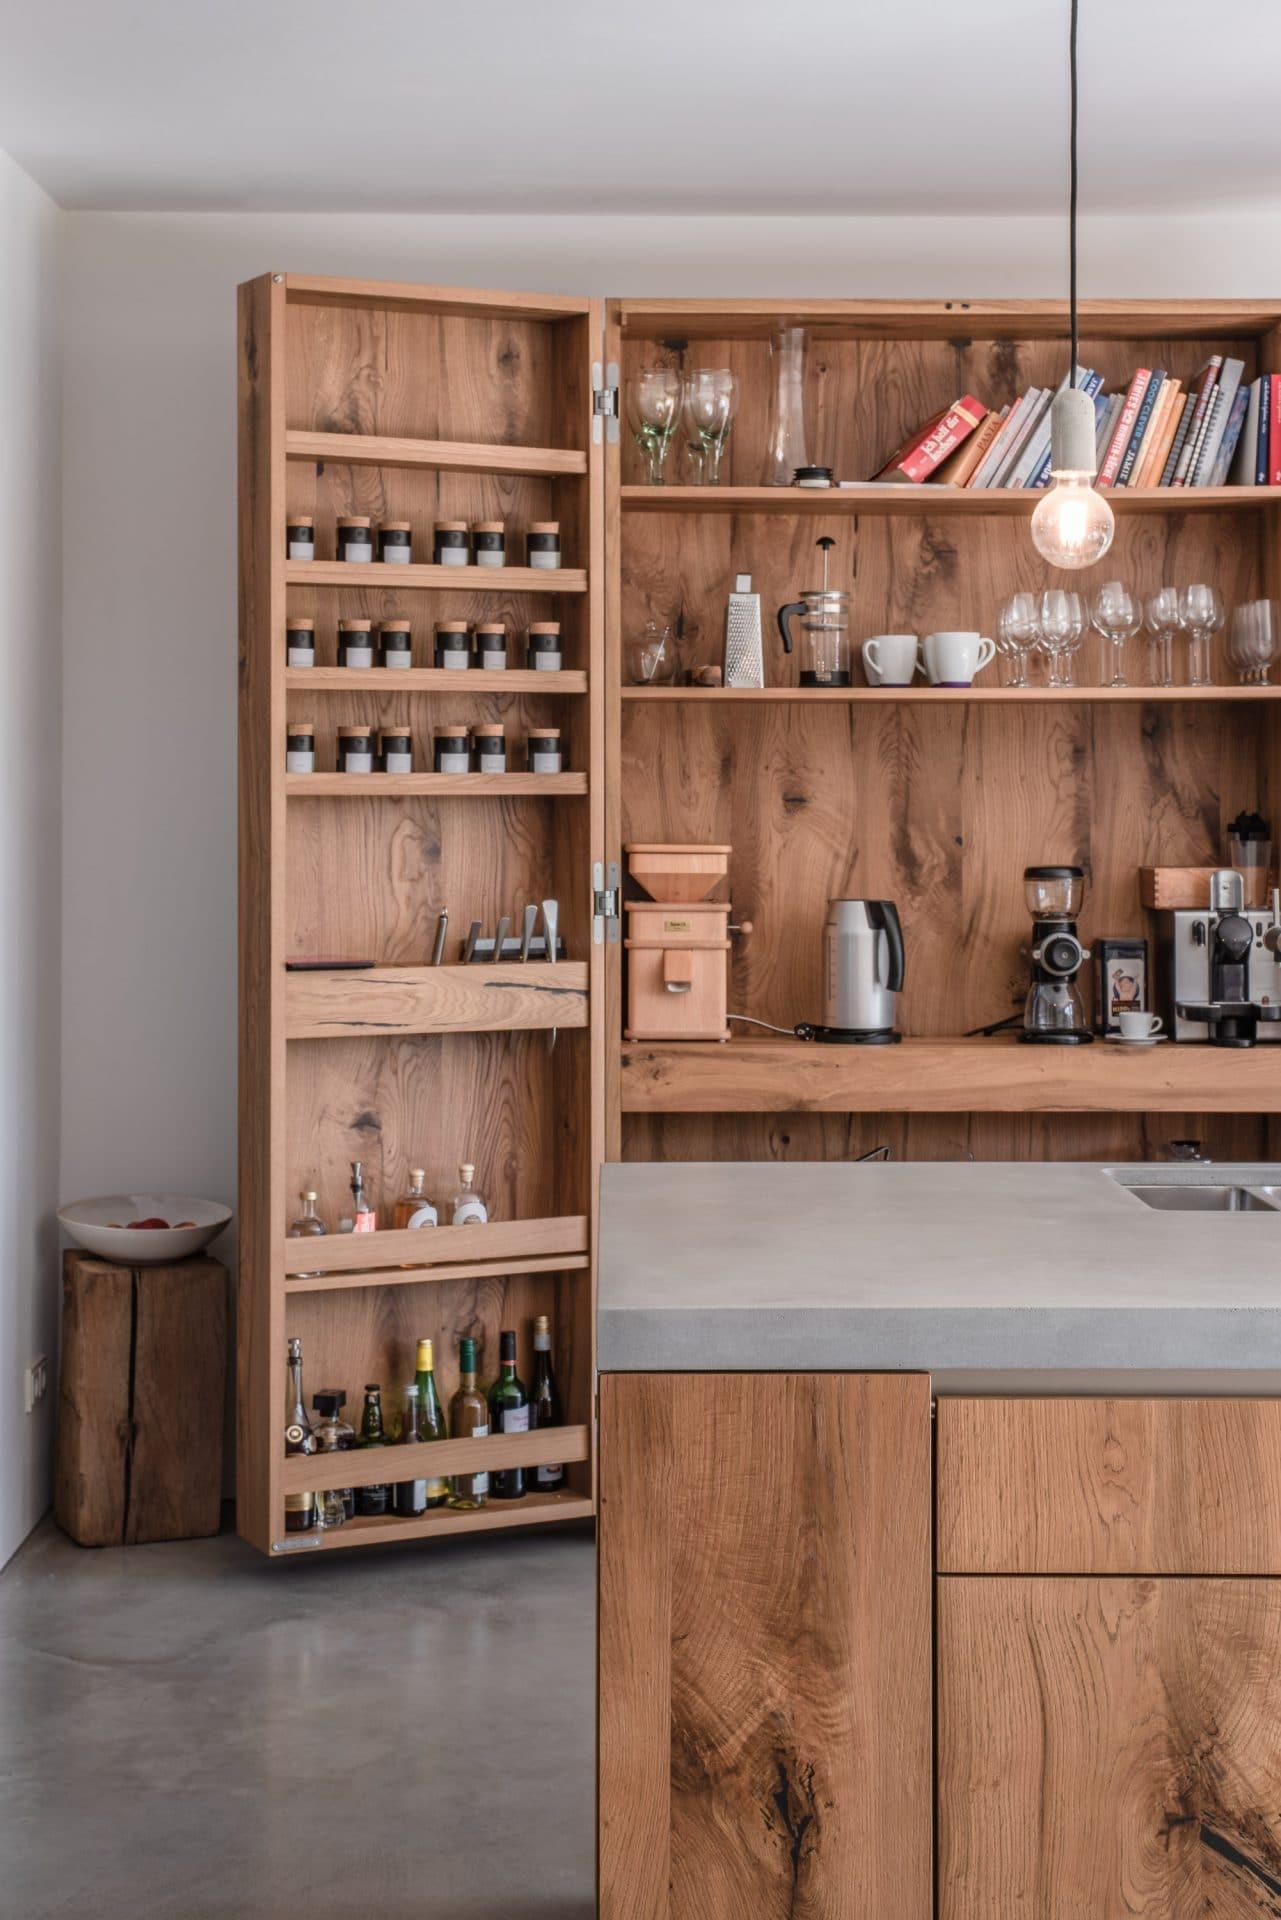 Küchendesign von VOIT aus rustikaler Eiche und Beton, im Hintergrund geöffnete Küchenschränke aus Eiche